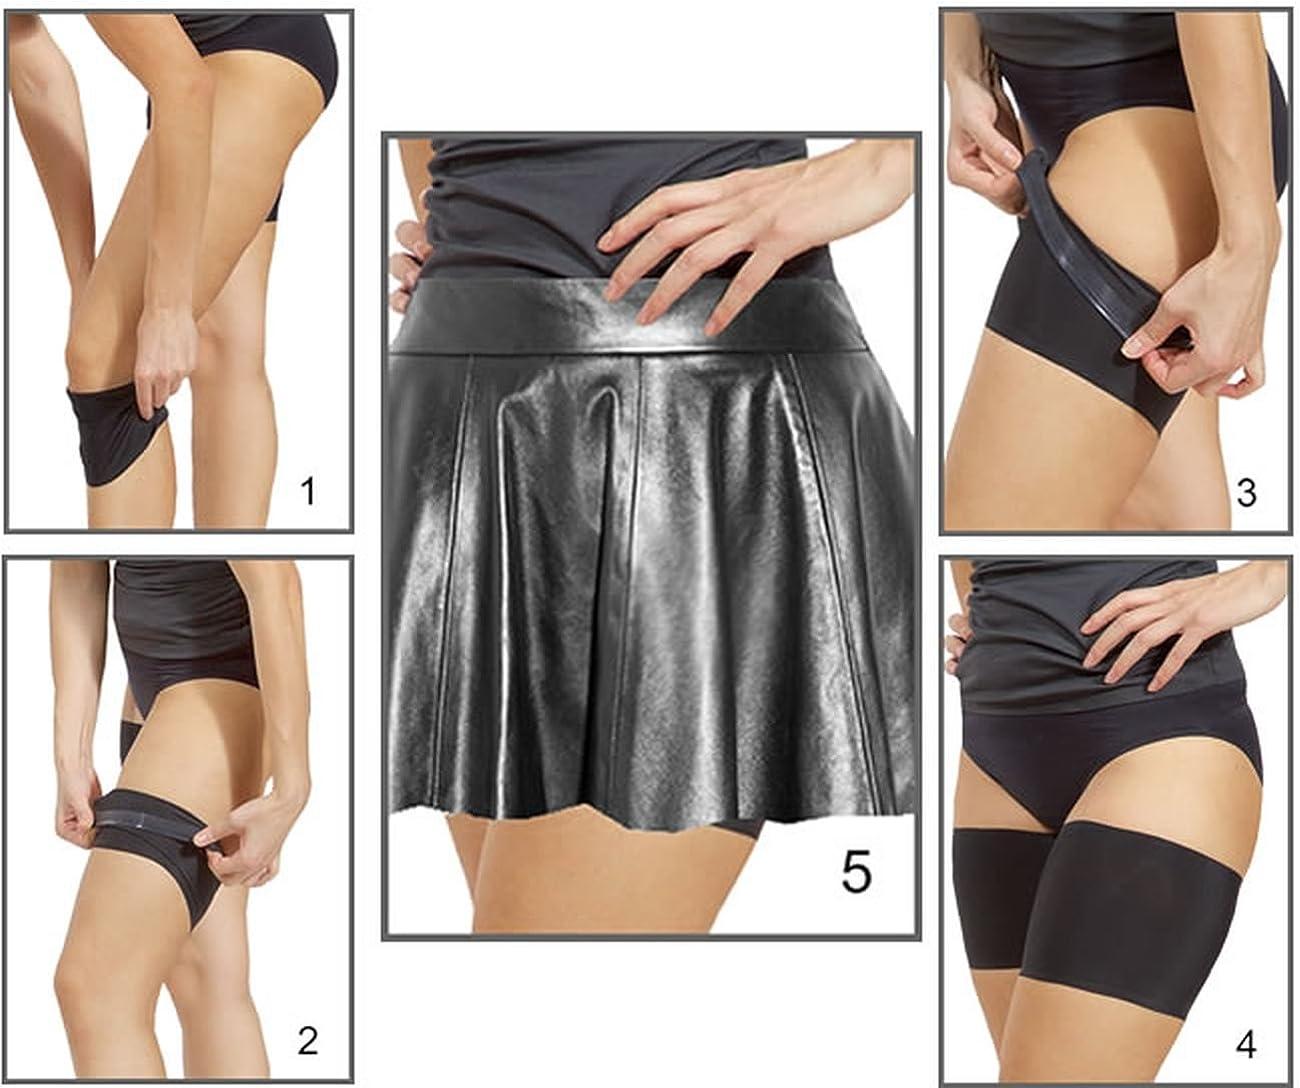 elastische Oberschenkelb/änder Verhindern Reibung am Oberschenkel die nicht Scheuern Bandelettes